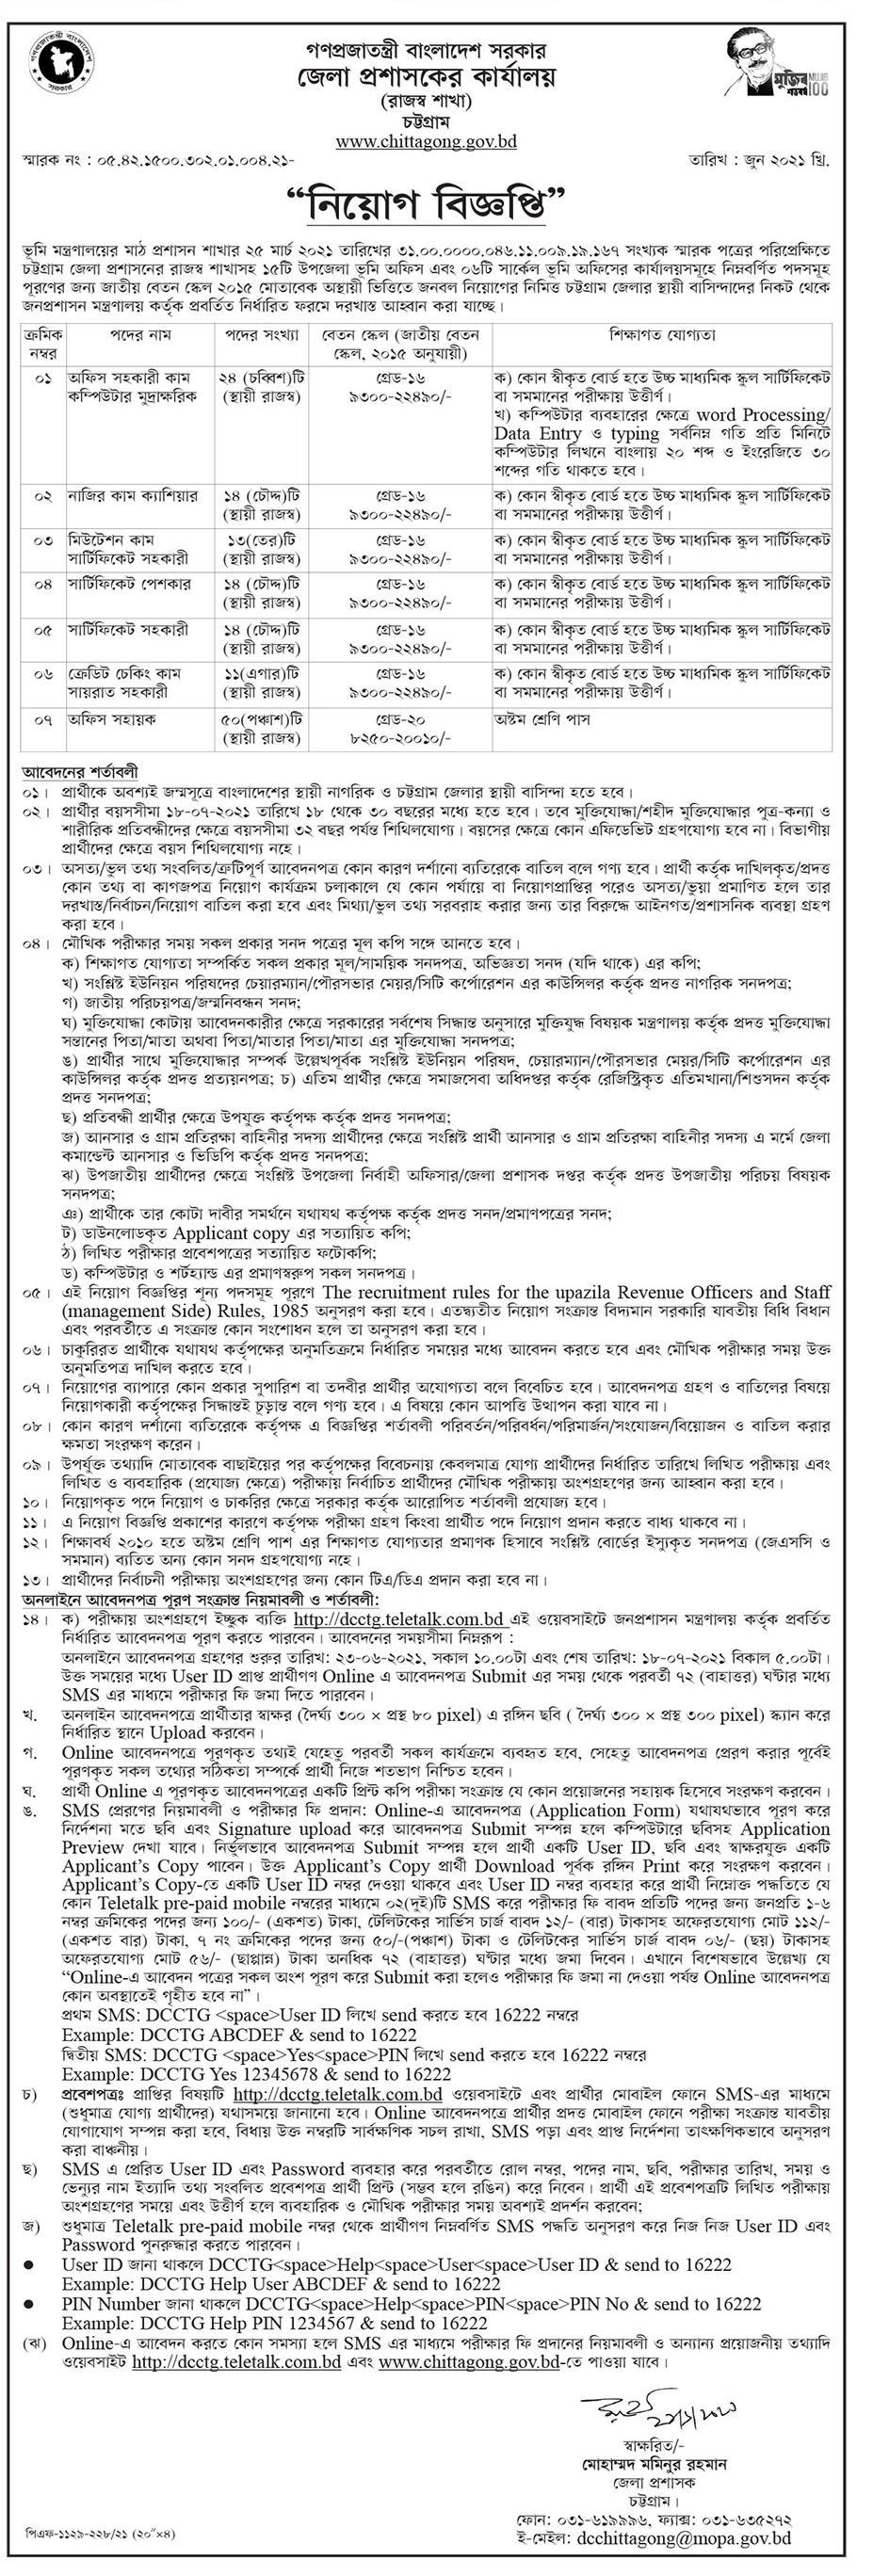 চট্টগ্রাম জেলা প্রশাসক নিয়োগ বিজ্ঞপ্তি ২০২১ - Chittagong District Commissioner Office Job Circular 2021 - জেলা প্রশাসকের কার্যালয়ে ডিসি অফিস জব সার্কুলার ২০২১